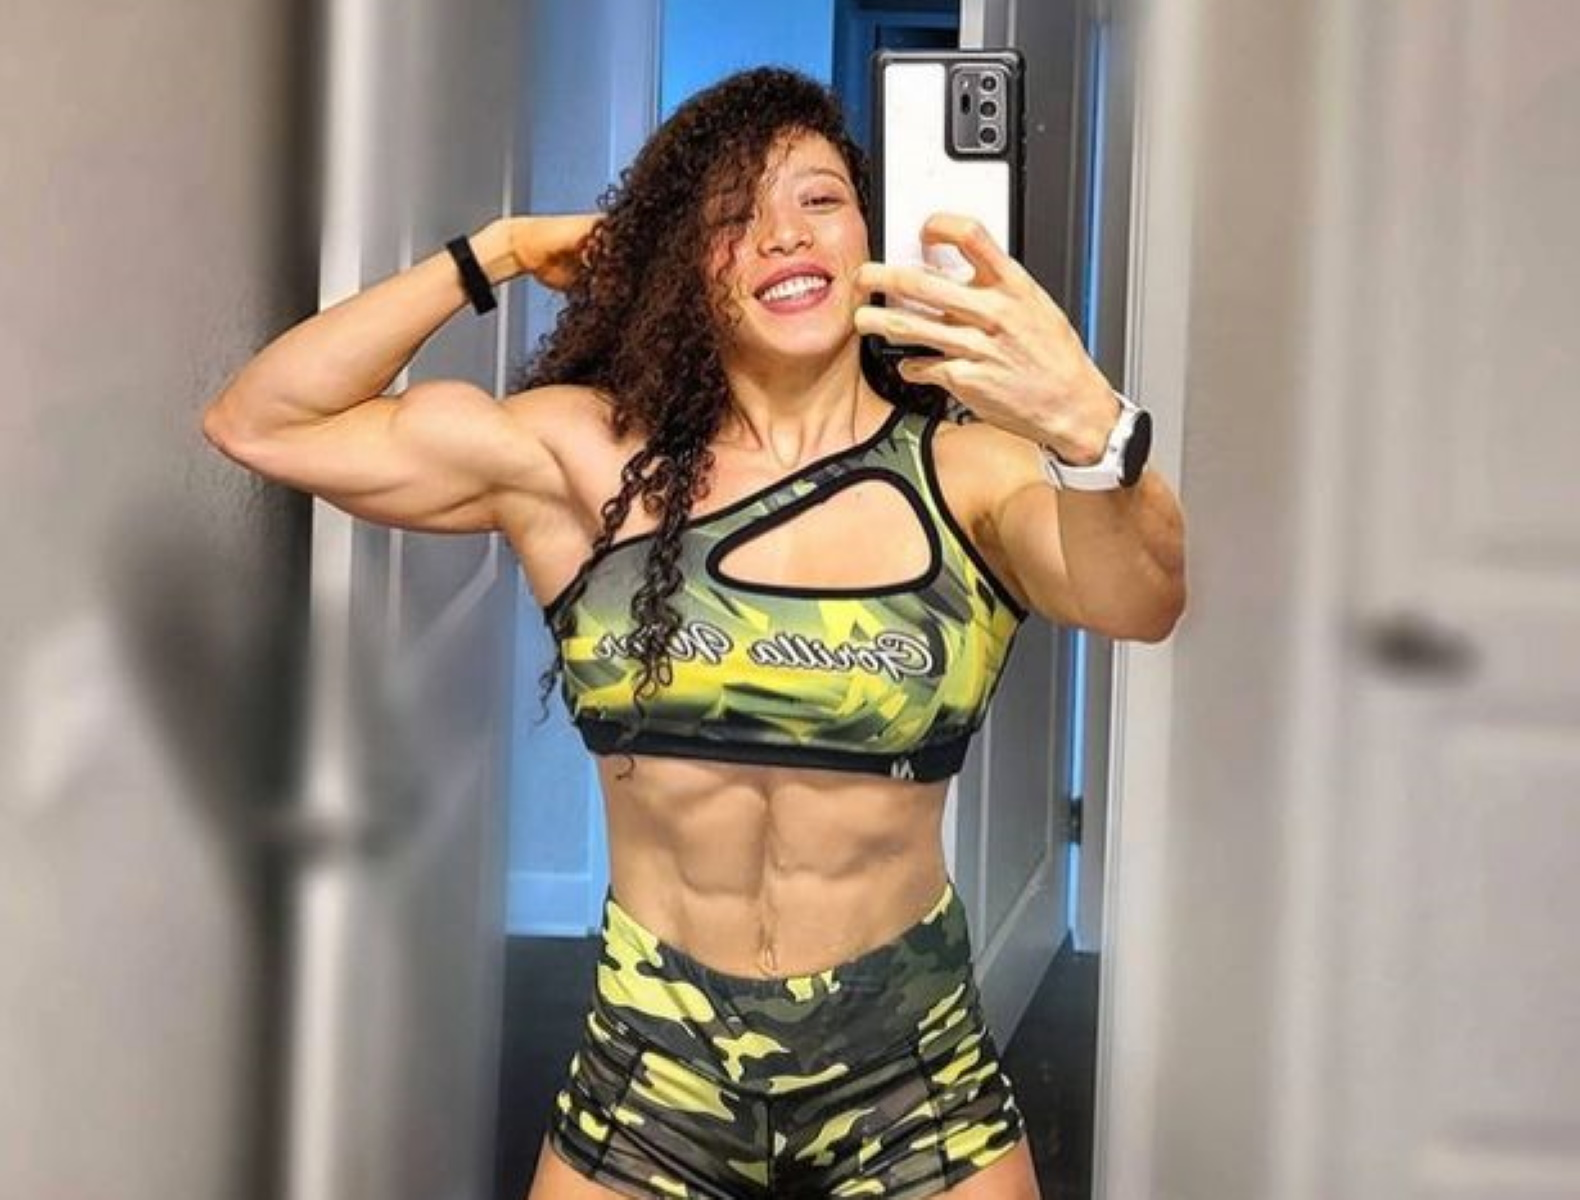 Άγριο κράξιμο σε γνωστή bodybuilder:  «Το σώμα μου είναι 100% φυσικό» (pics)